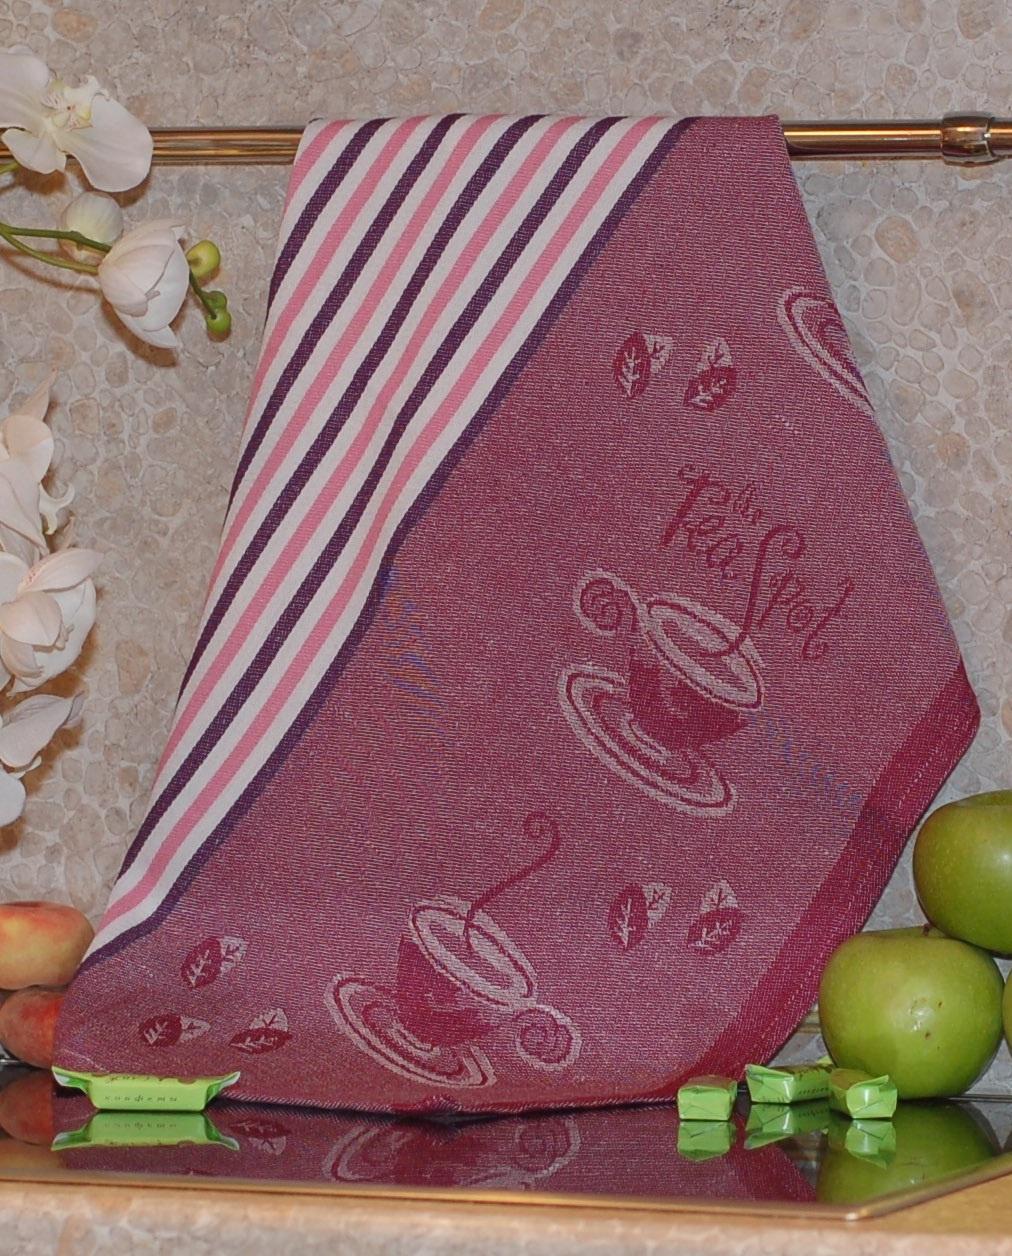 Полотенце жаккардовое ТекСтиль 507061-5 TEA SPOT полотенце кухонное текстиль для дома 507061 1 cafе коричневый бежевый красный